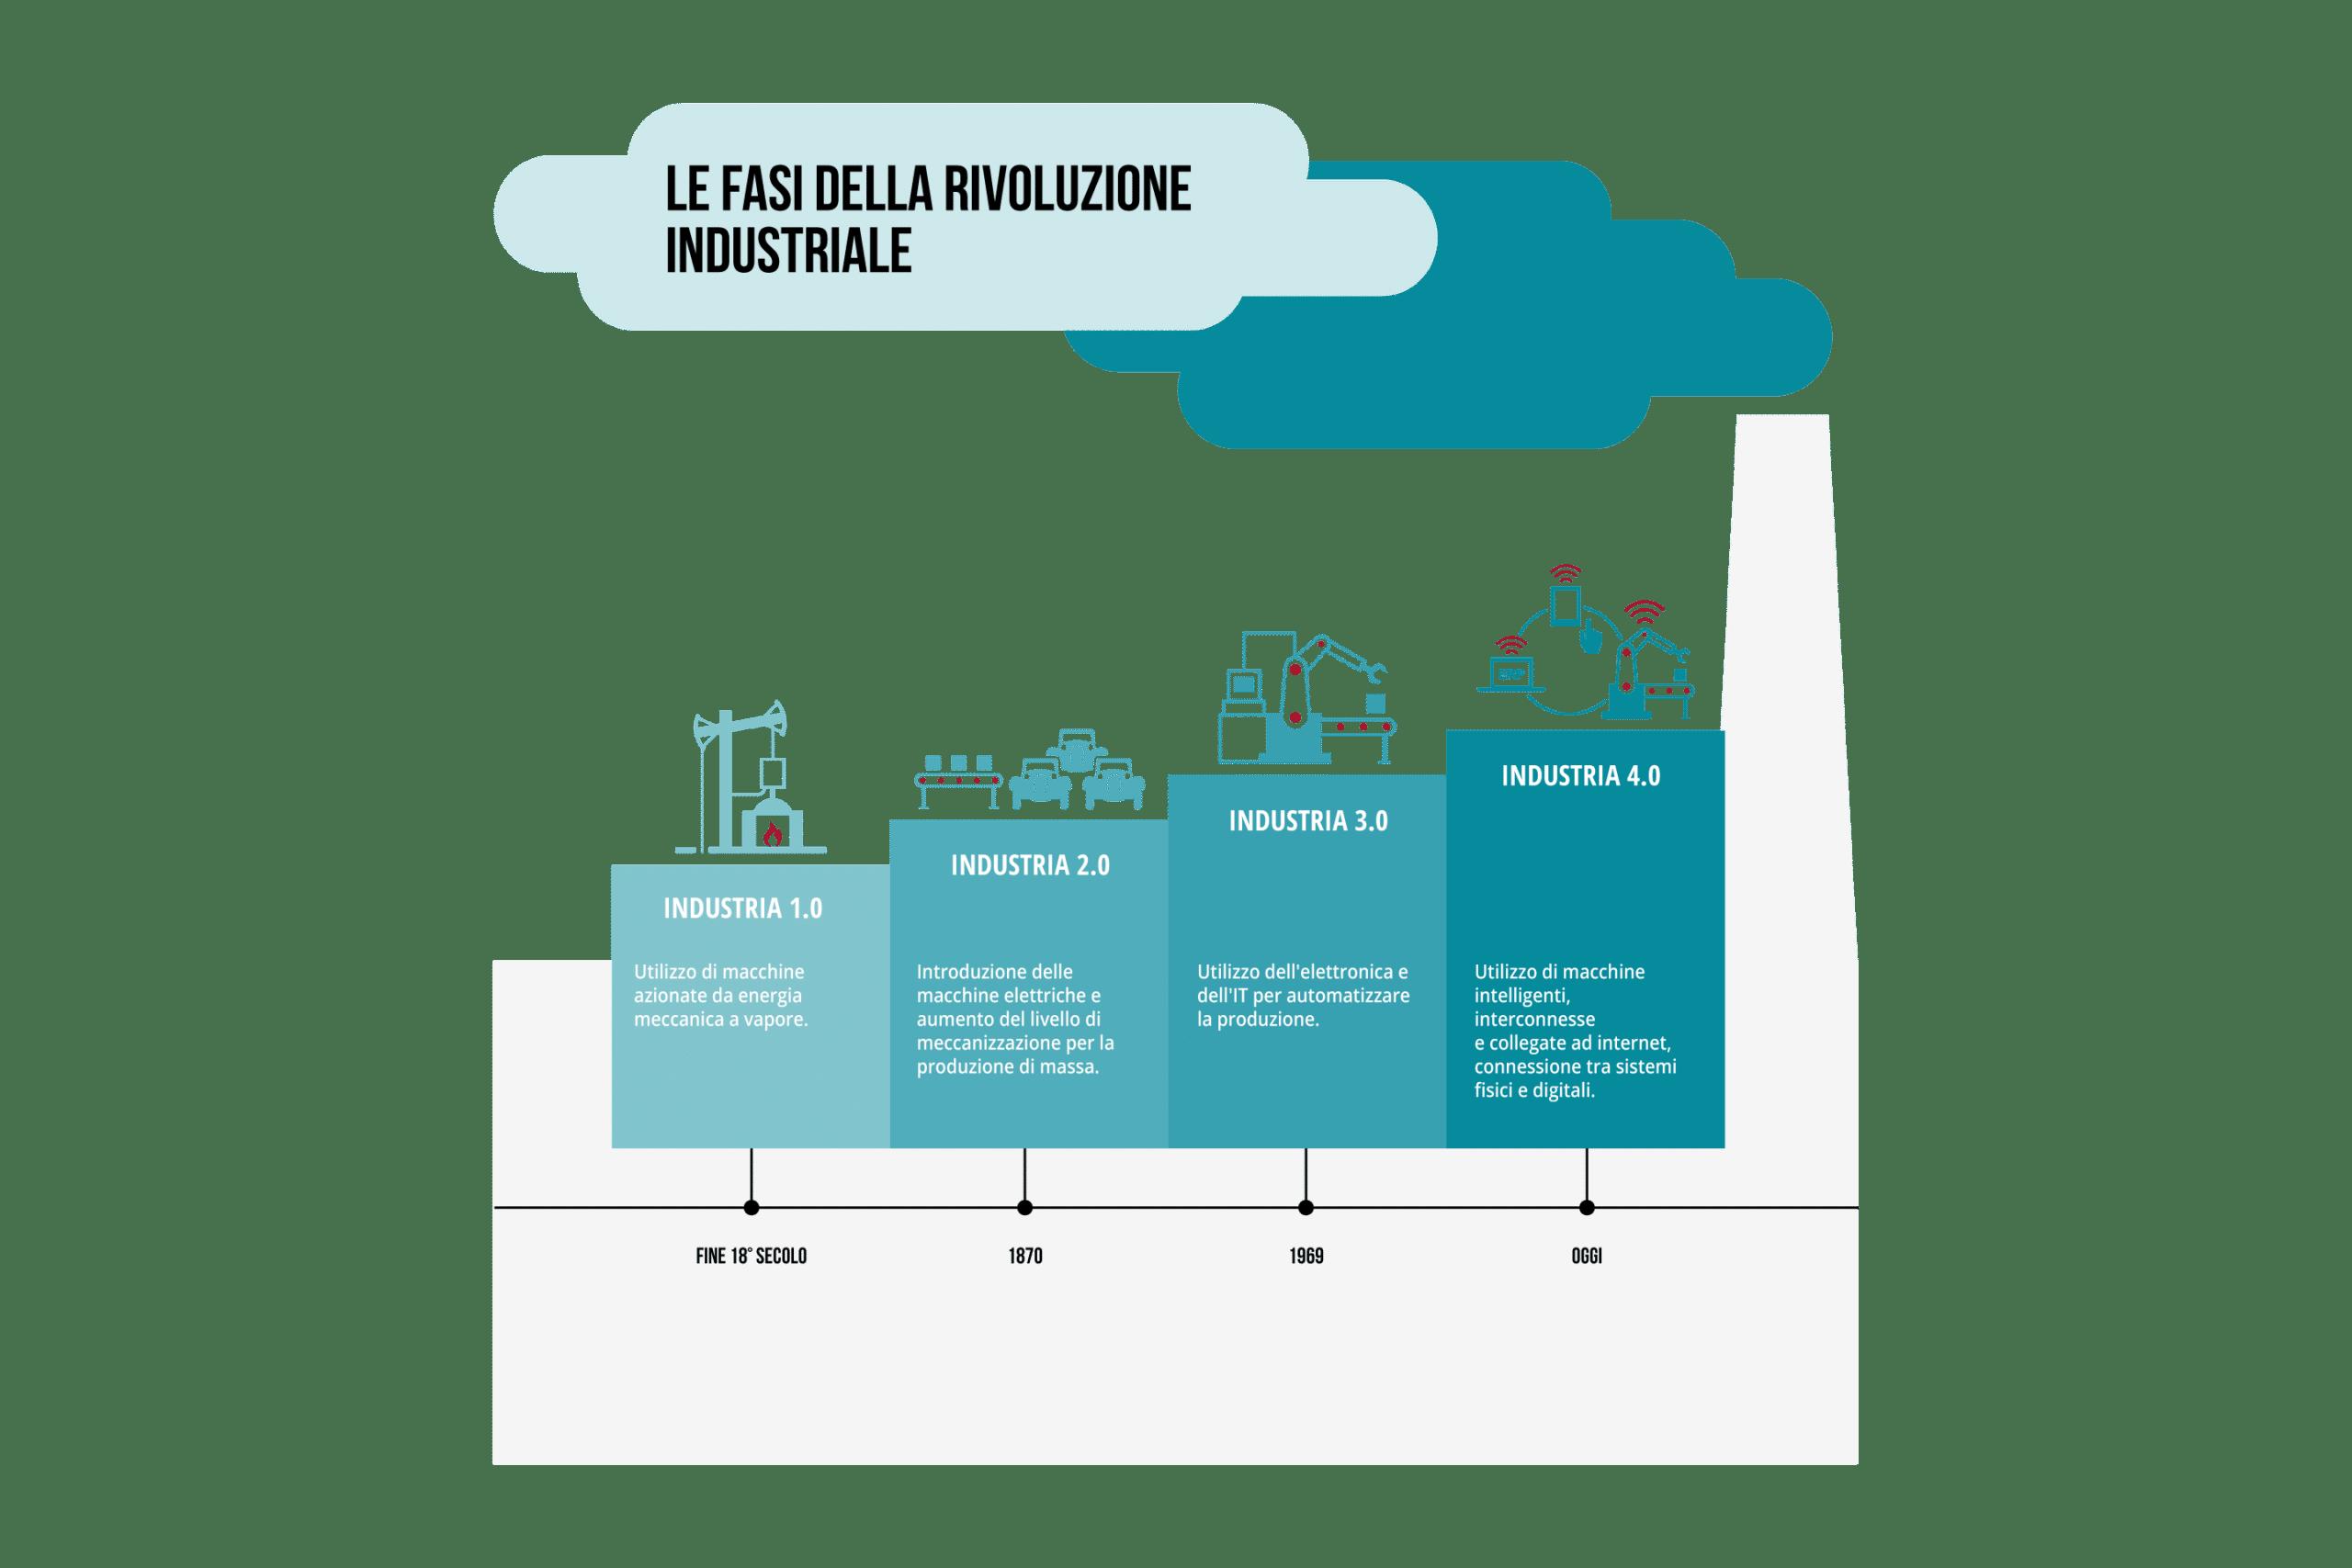 fasi della rivoluzione industriale